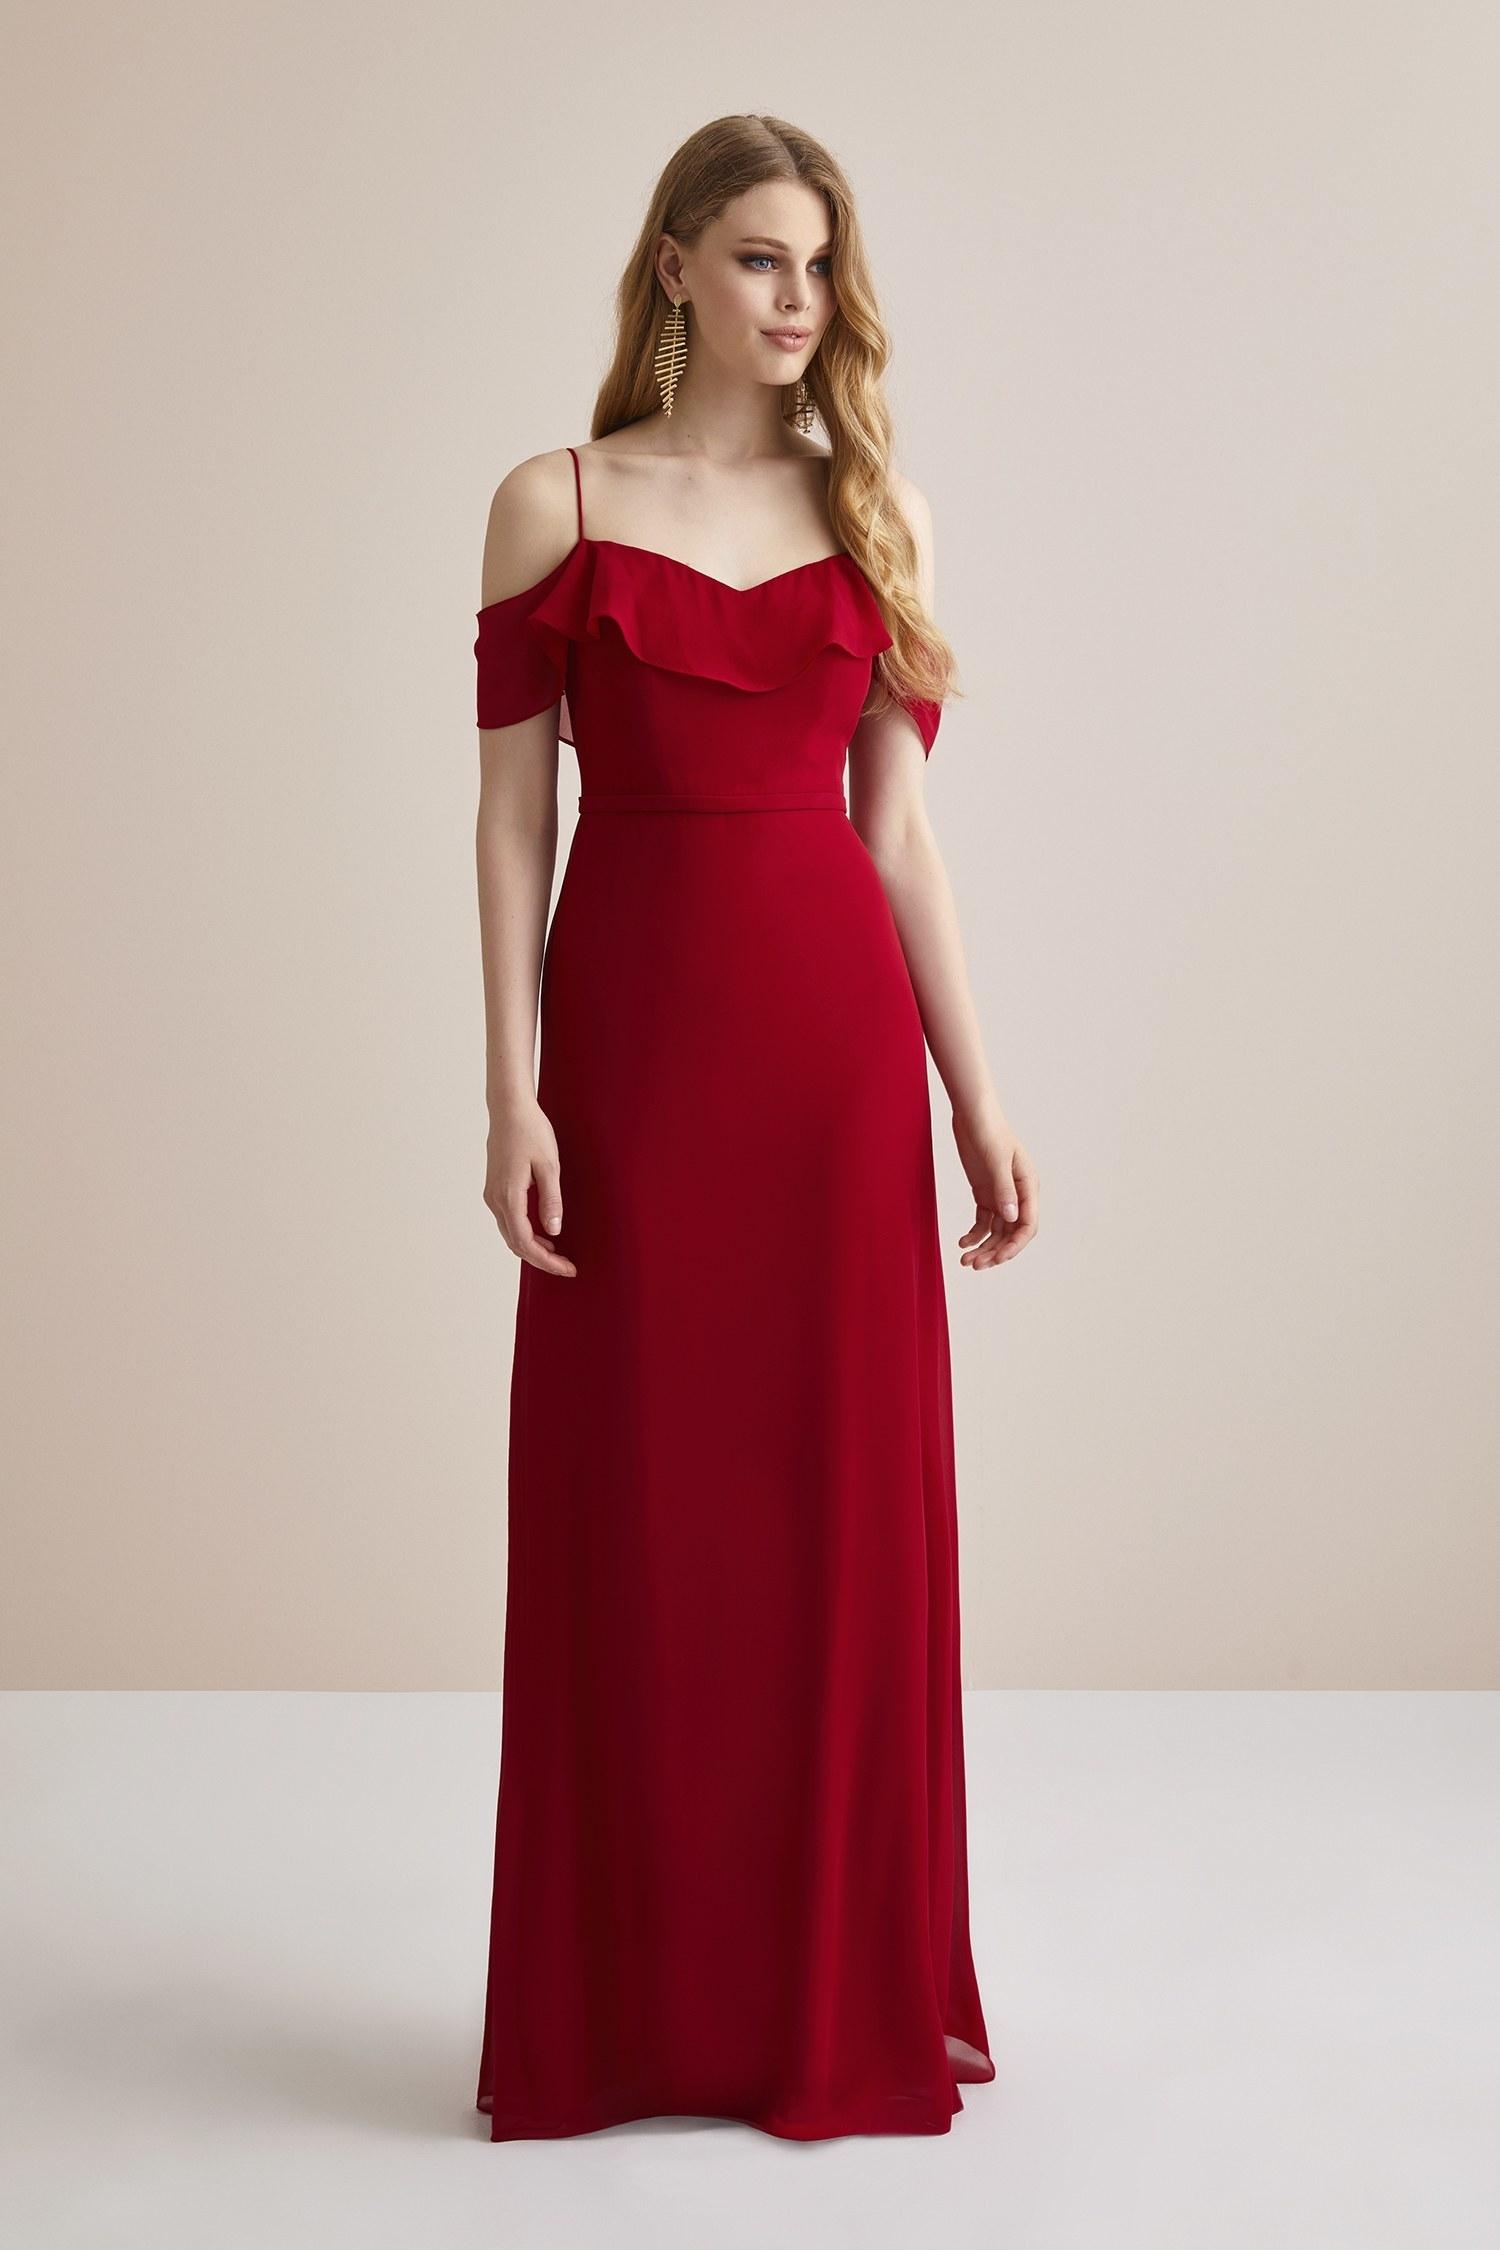 Kırmızı Şifon Kolları Tül Uzun Abiye Elbise